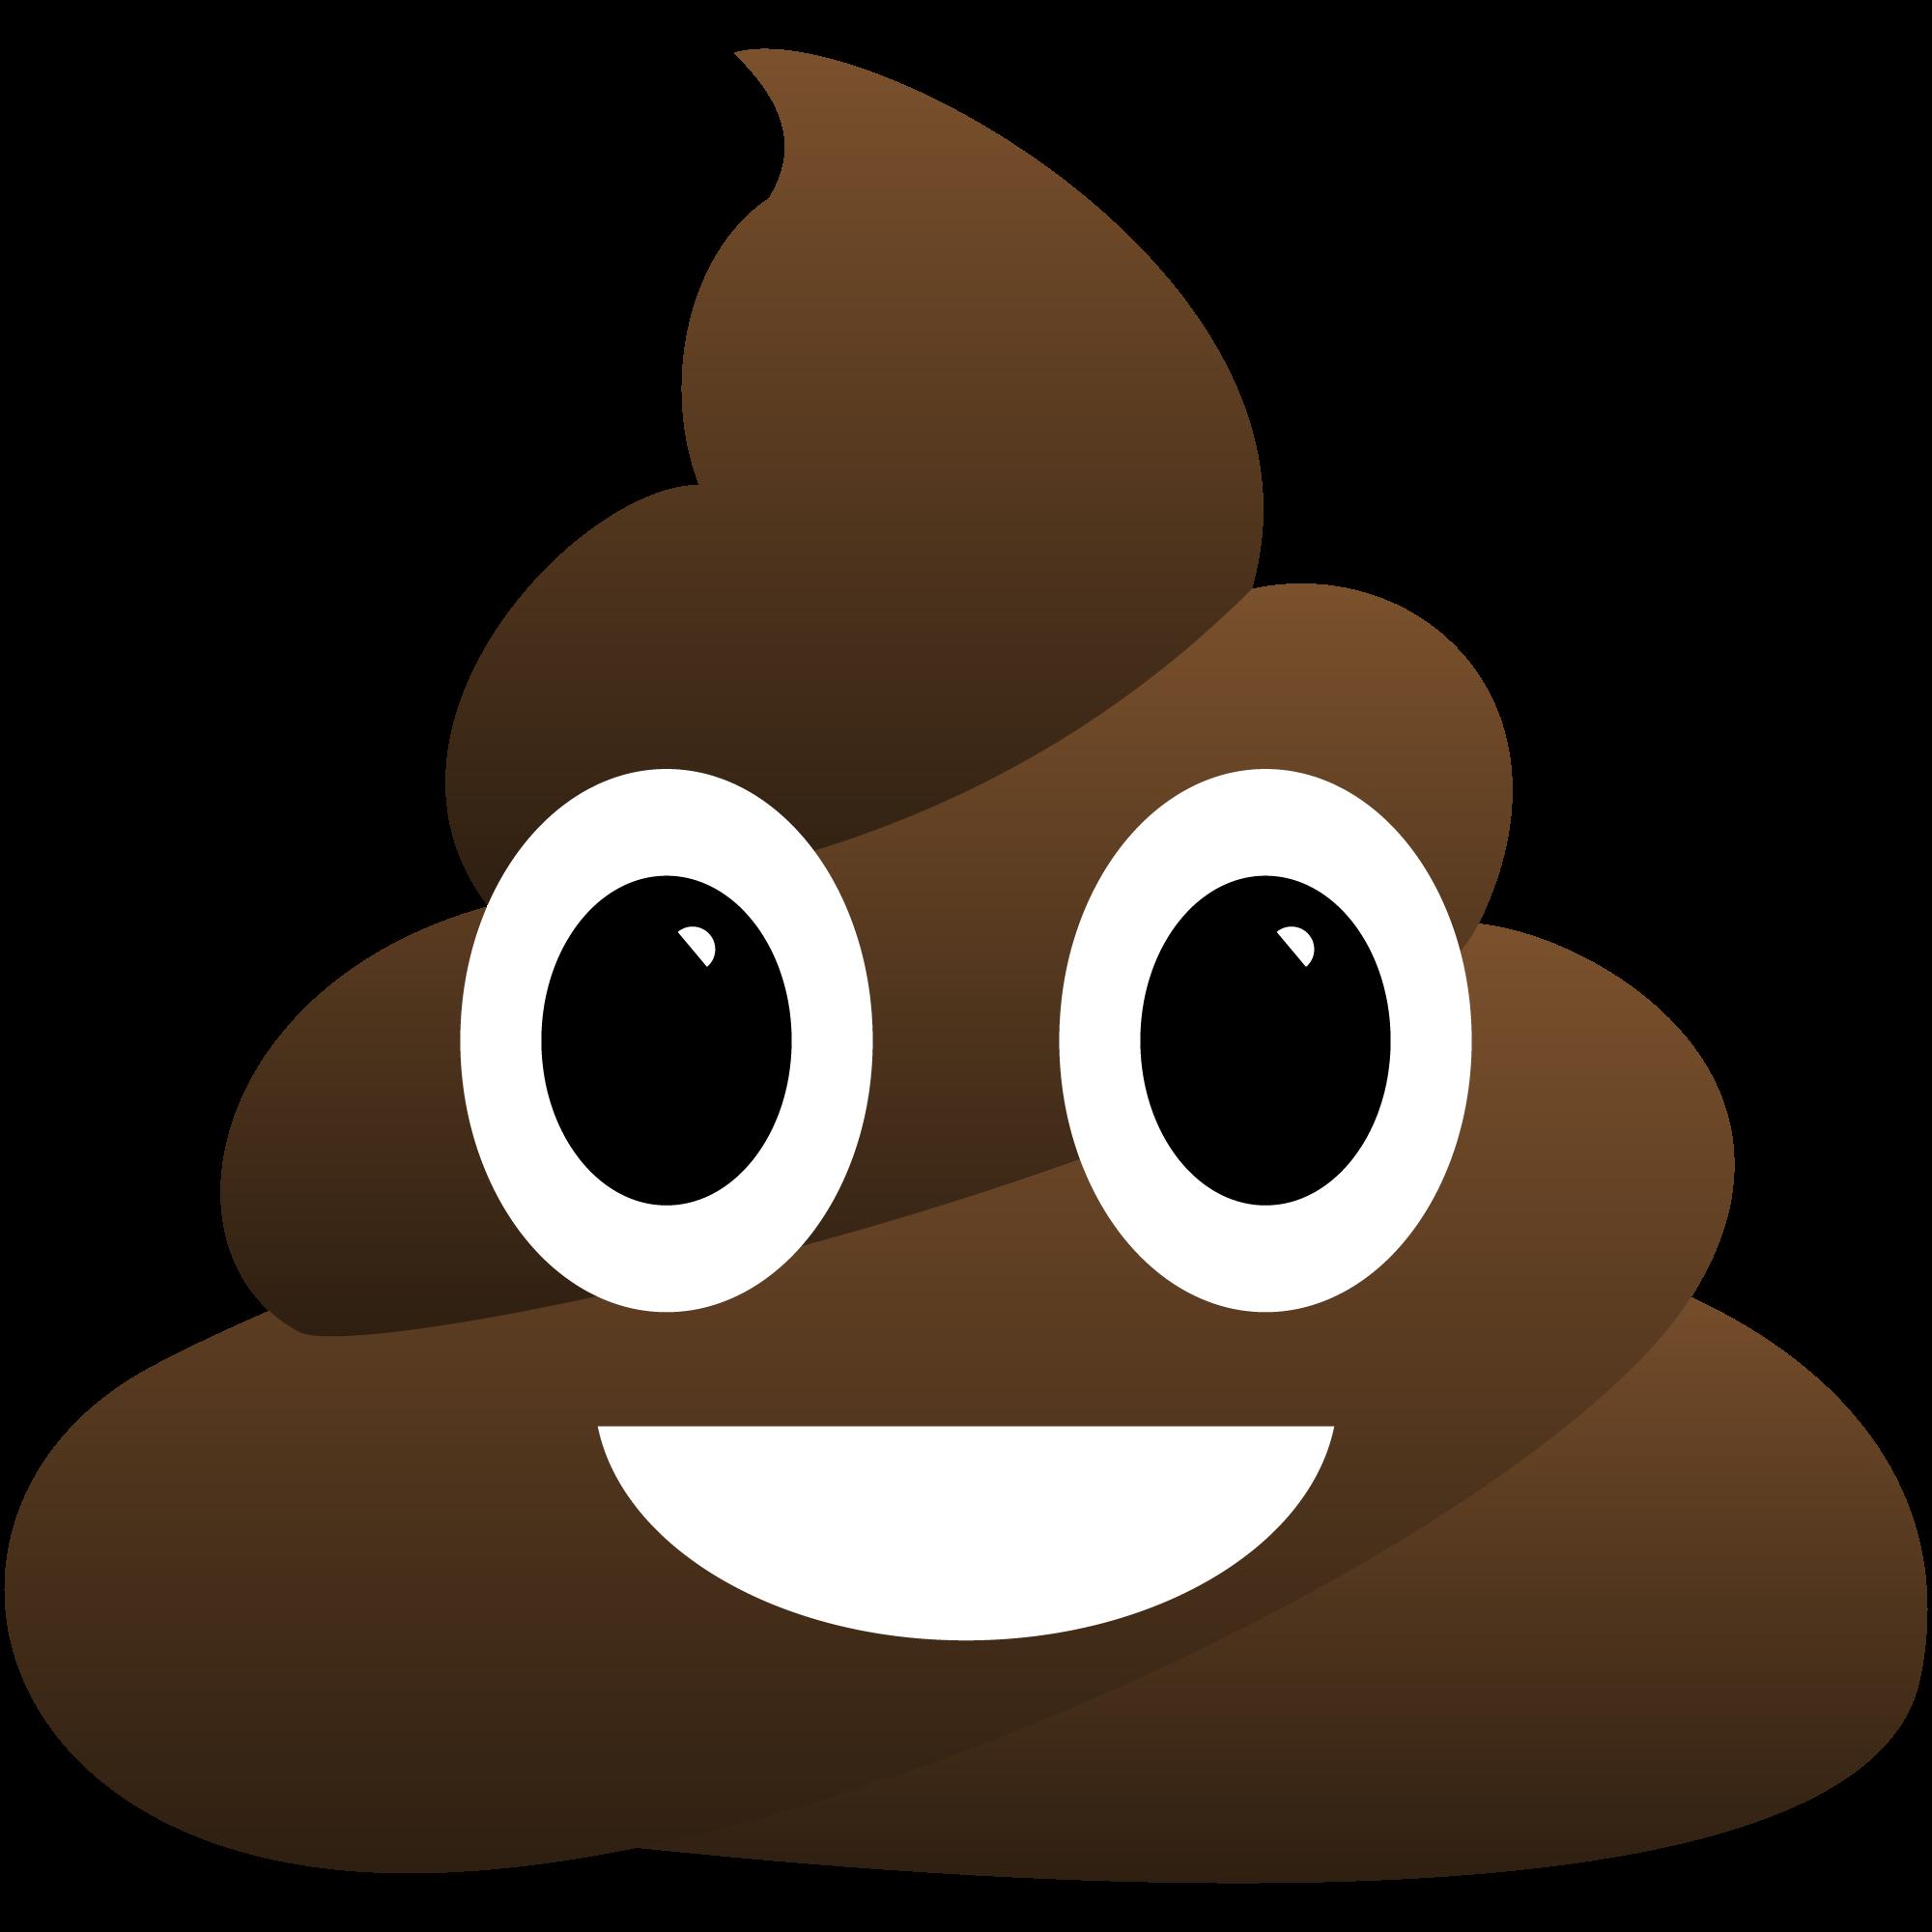 Poop PNG Images, Poop Emoji Clipart Free Download.